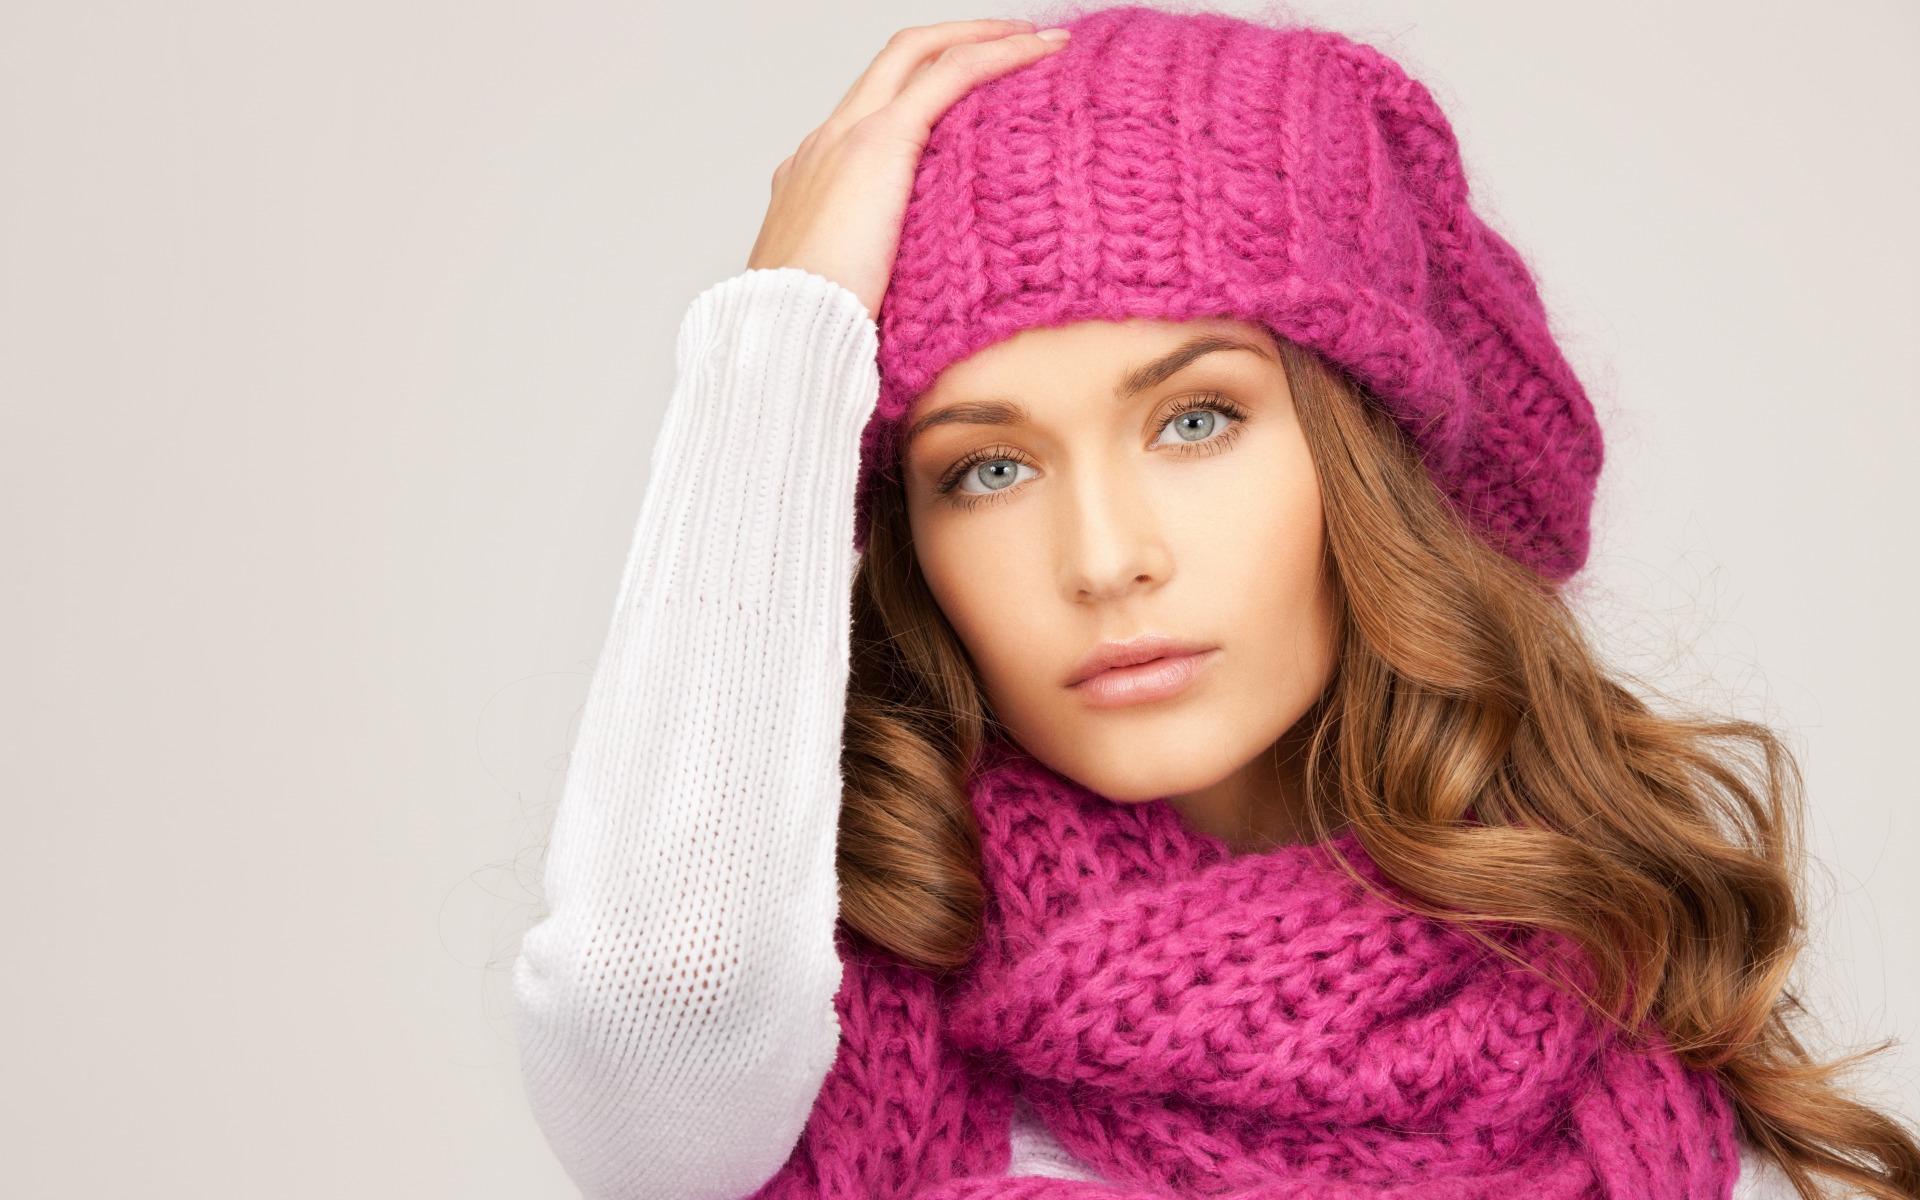 modnye-zhenskie-golovnye-ubory-osen'-zima-13